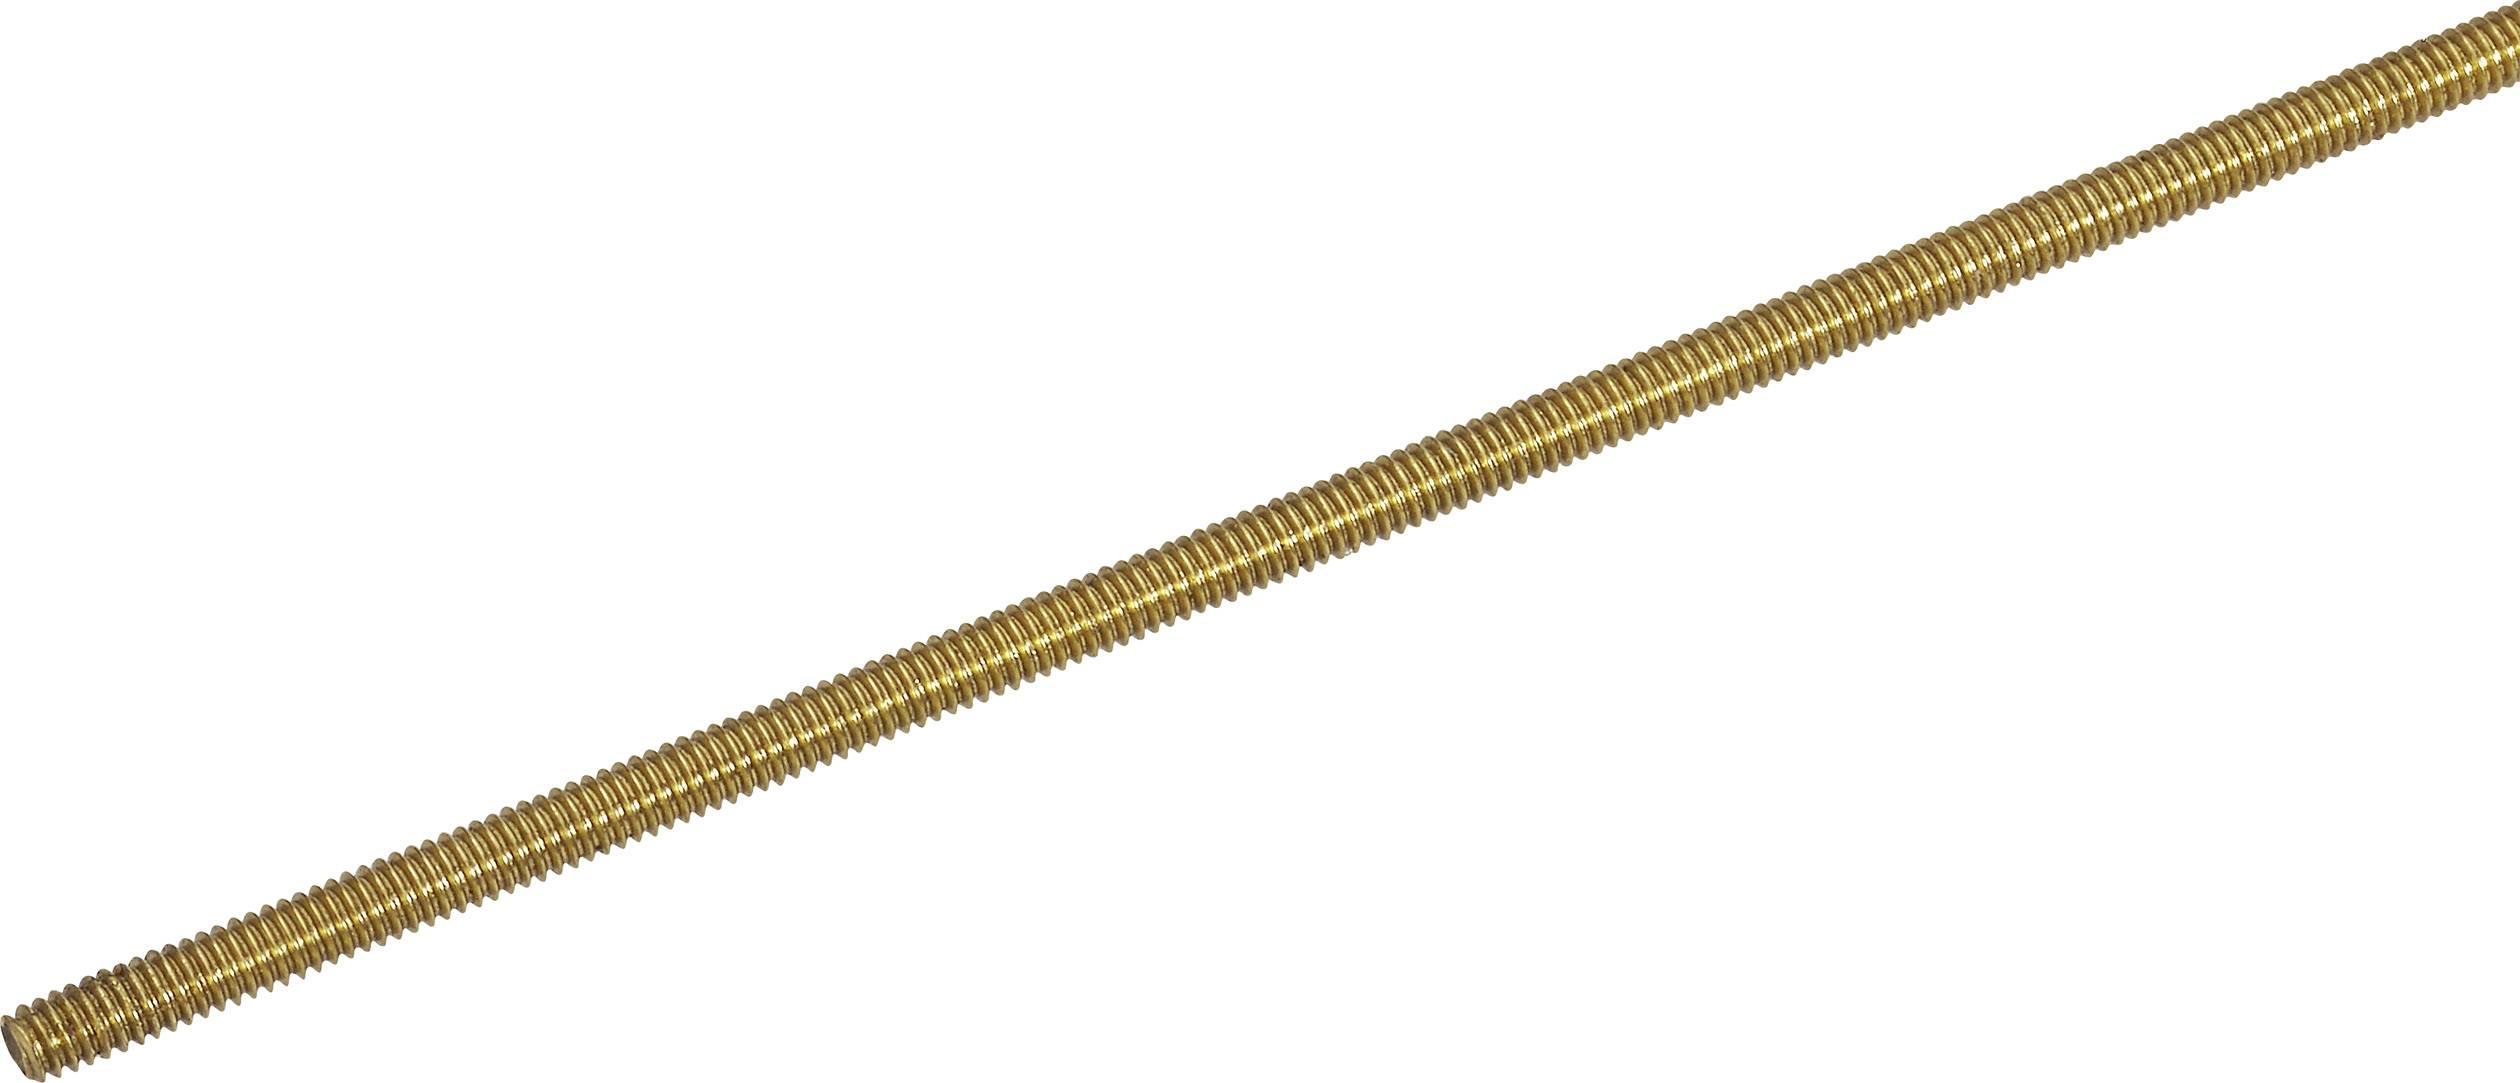 Závitová tyč Reely 297984 M3, 500 mm, mosadz, 1 ks